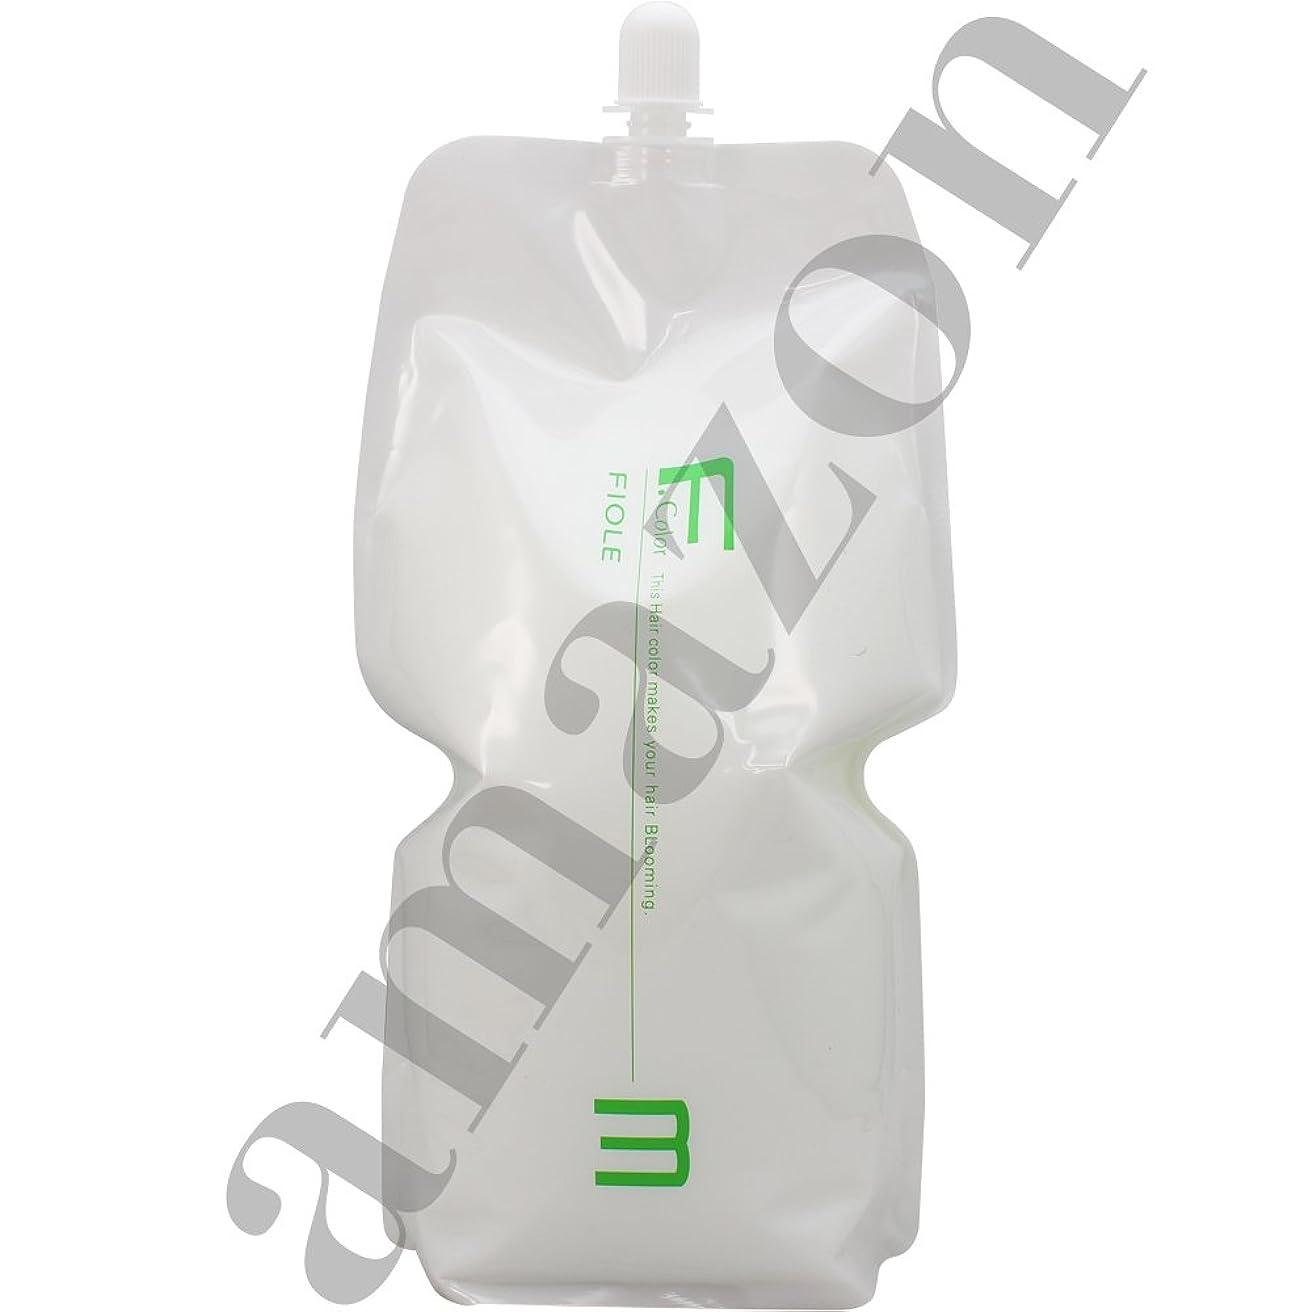 アーティスト苛性成分フィヨーレ BLカラー OX 2000ml 染毛補助剤 第2剤 パウチ (OX3%)